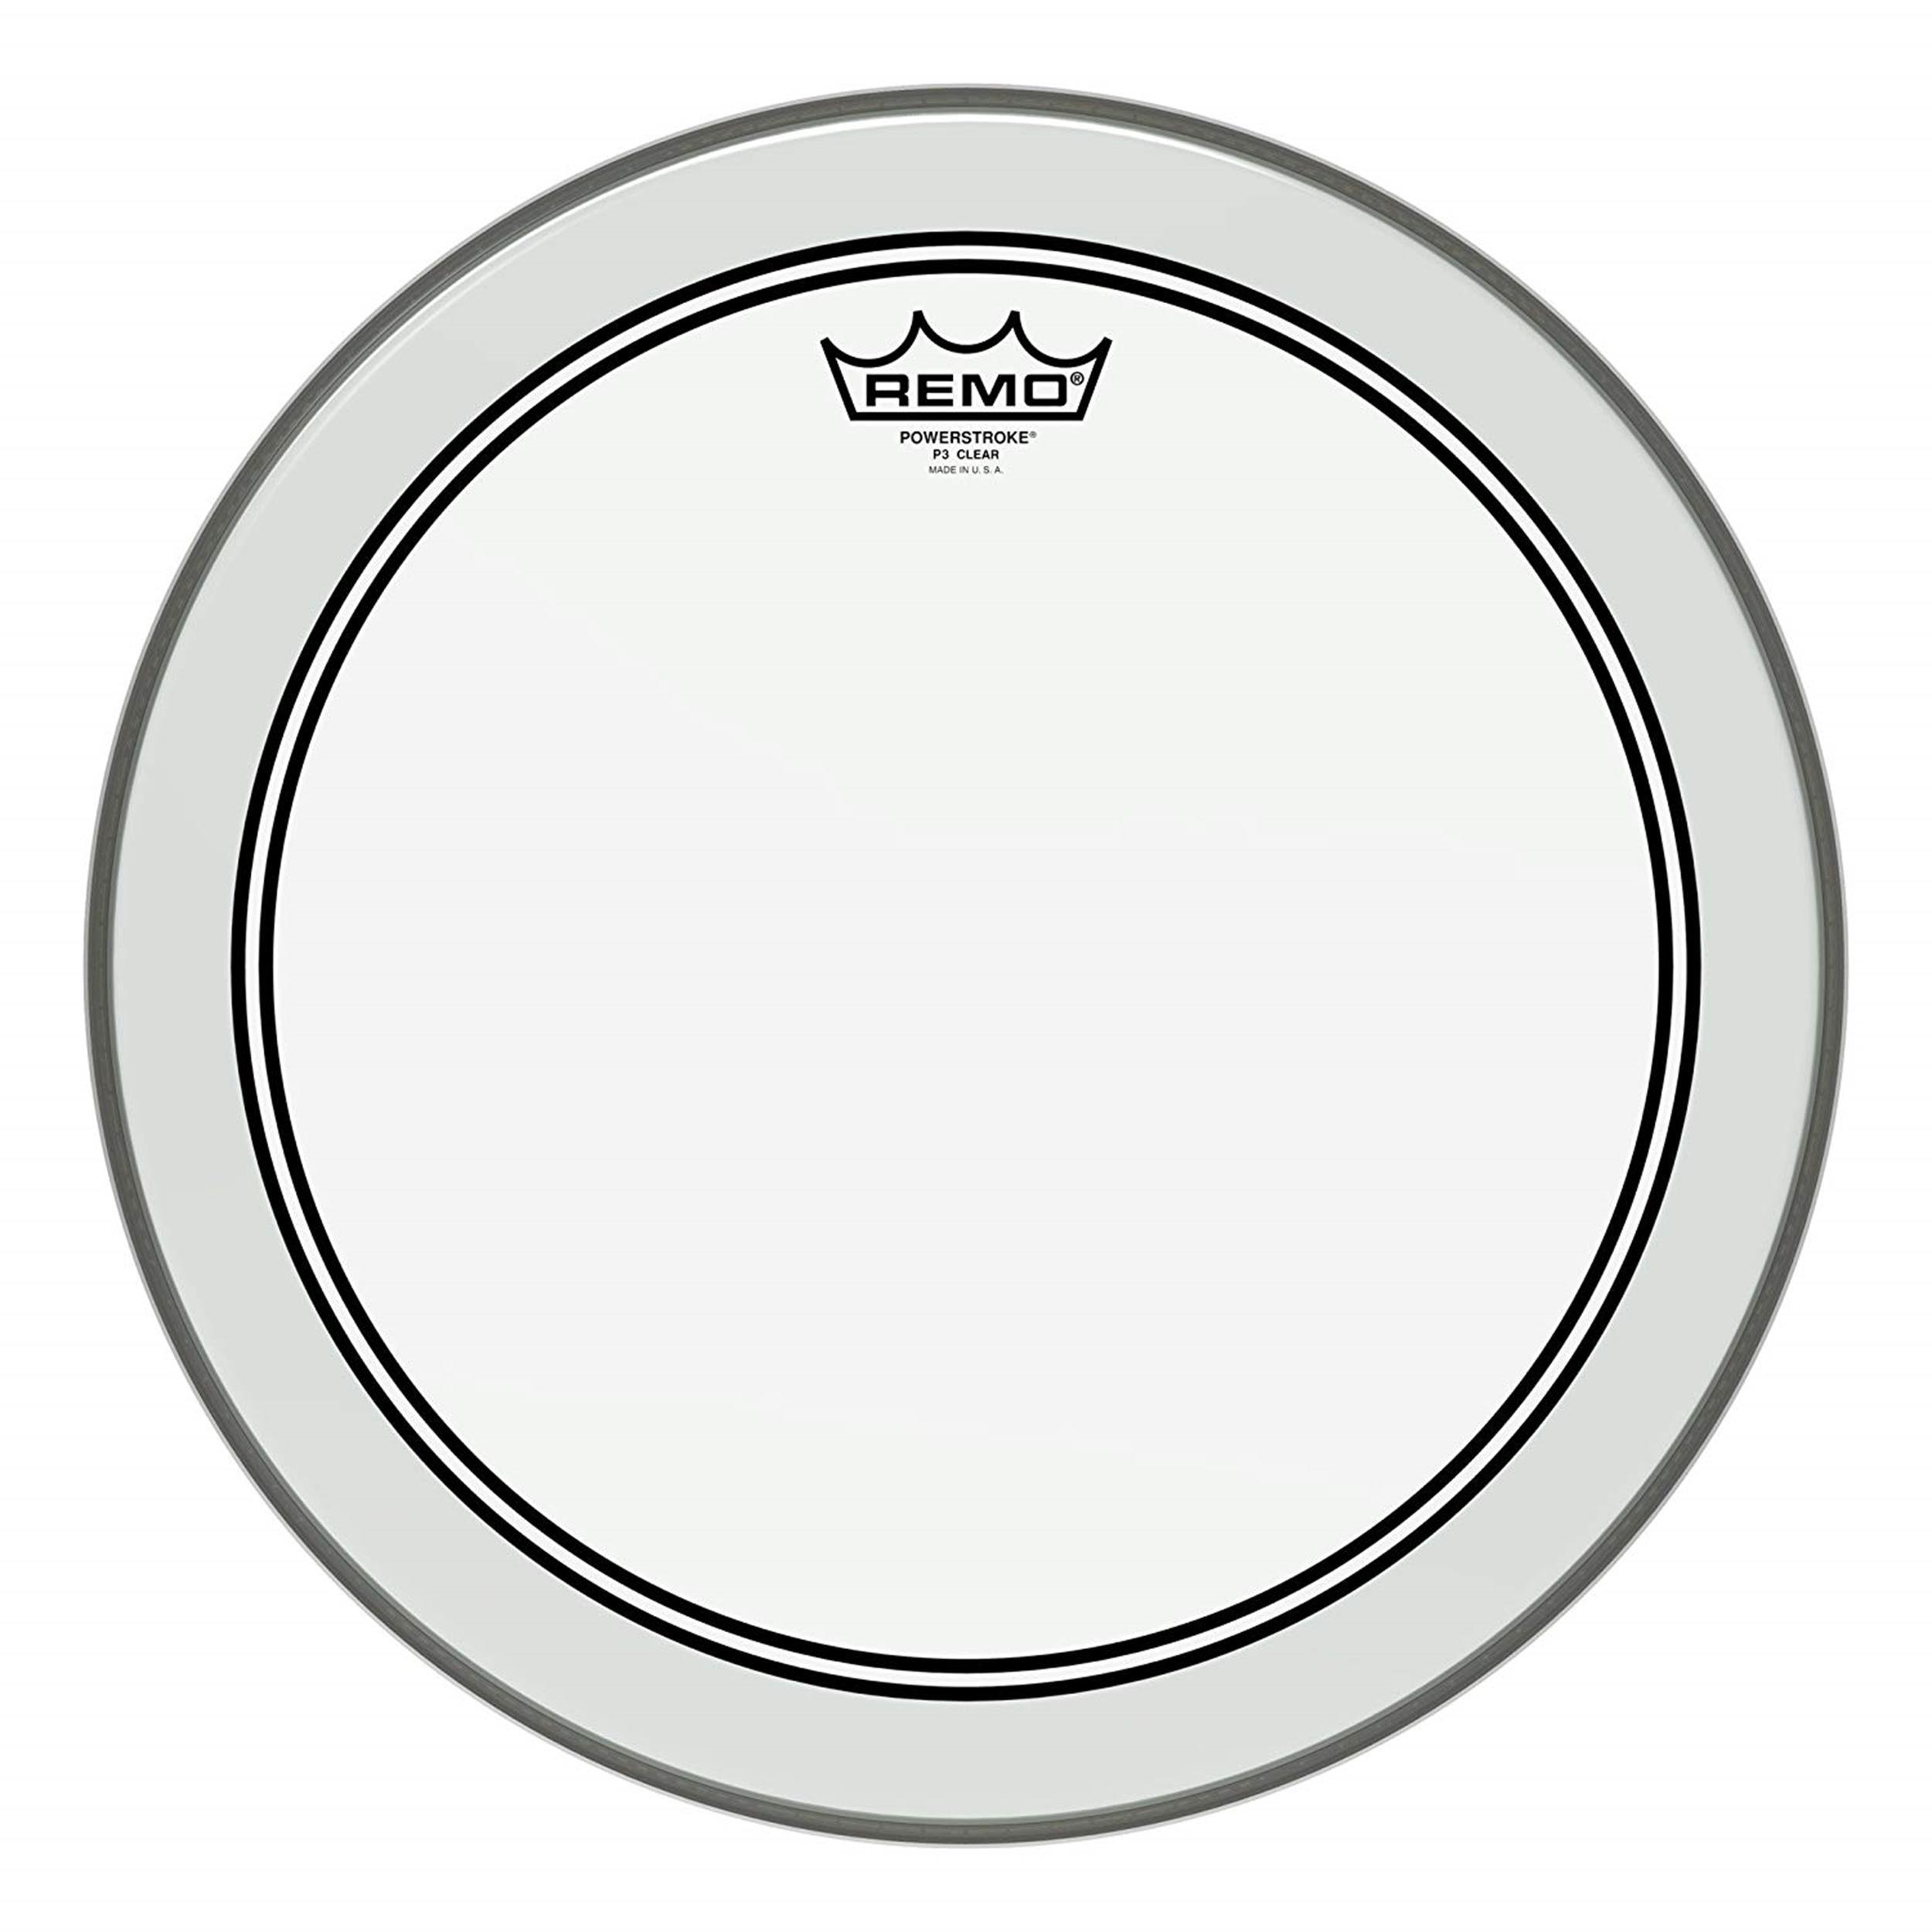 REMO-POWERSTROKE-III-3-CLEAR-10-sku-6942